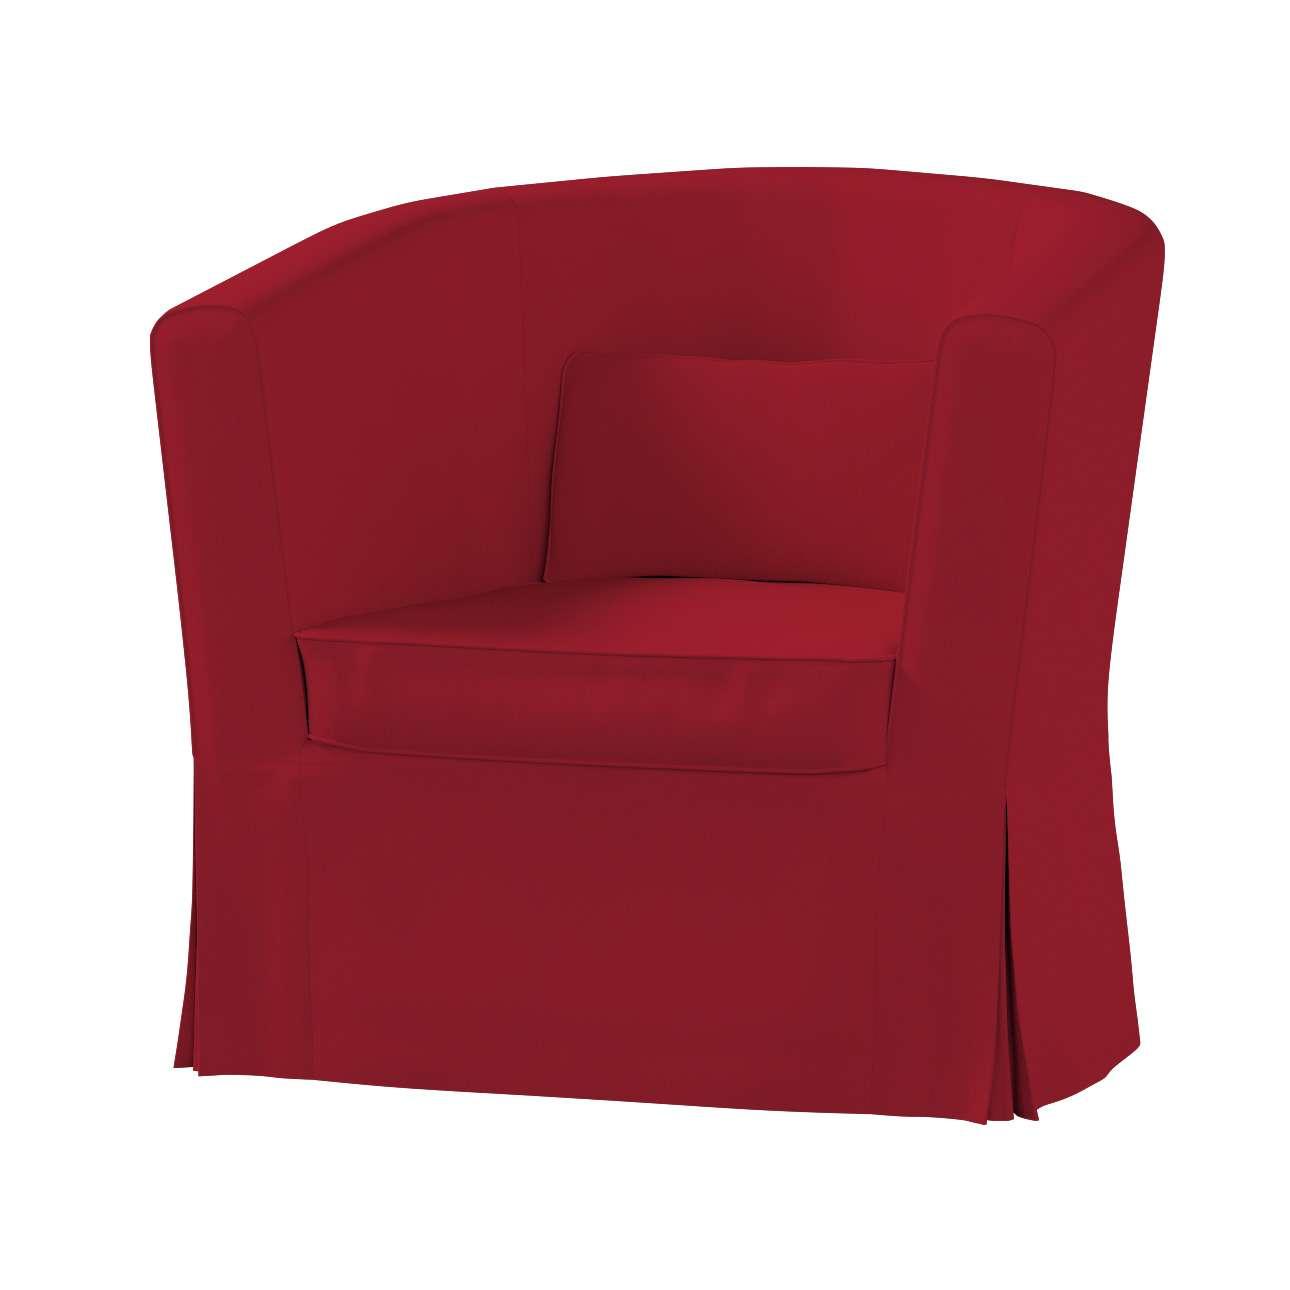 Ektorp Tullsta Sesselbezug Sesselhusse, Ektorp Tullsta von der Kollektion Chenille , Stoff: 702-24